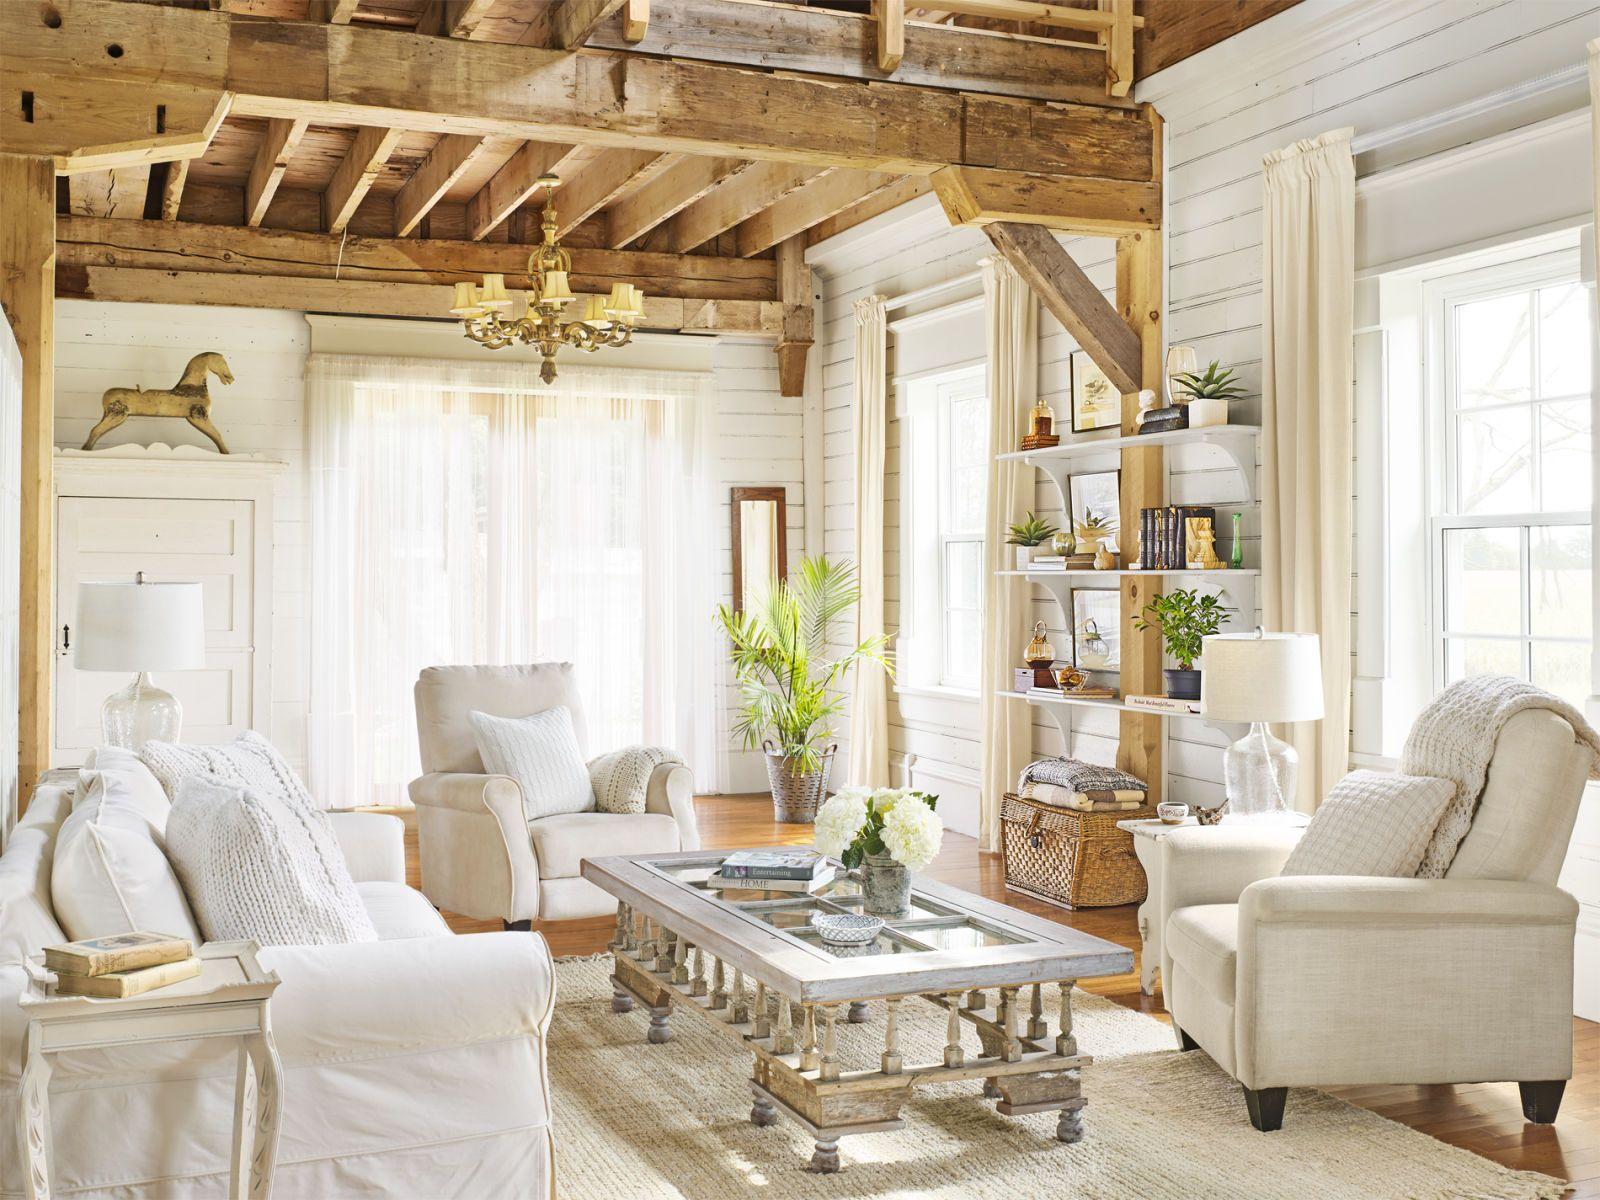 Blog Sobre Decoração Arquitetura Artesanato Paisagismo Home2 Extraordinary No Furniture Living Room Inspiration Design